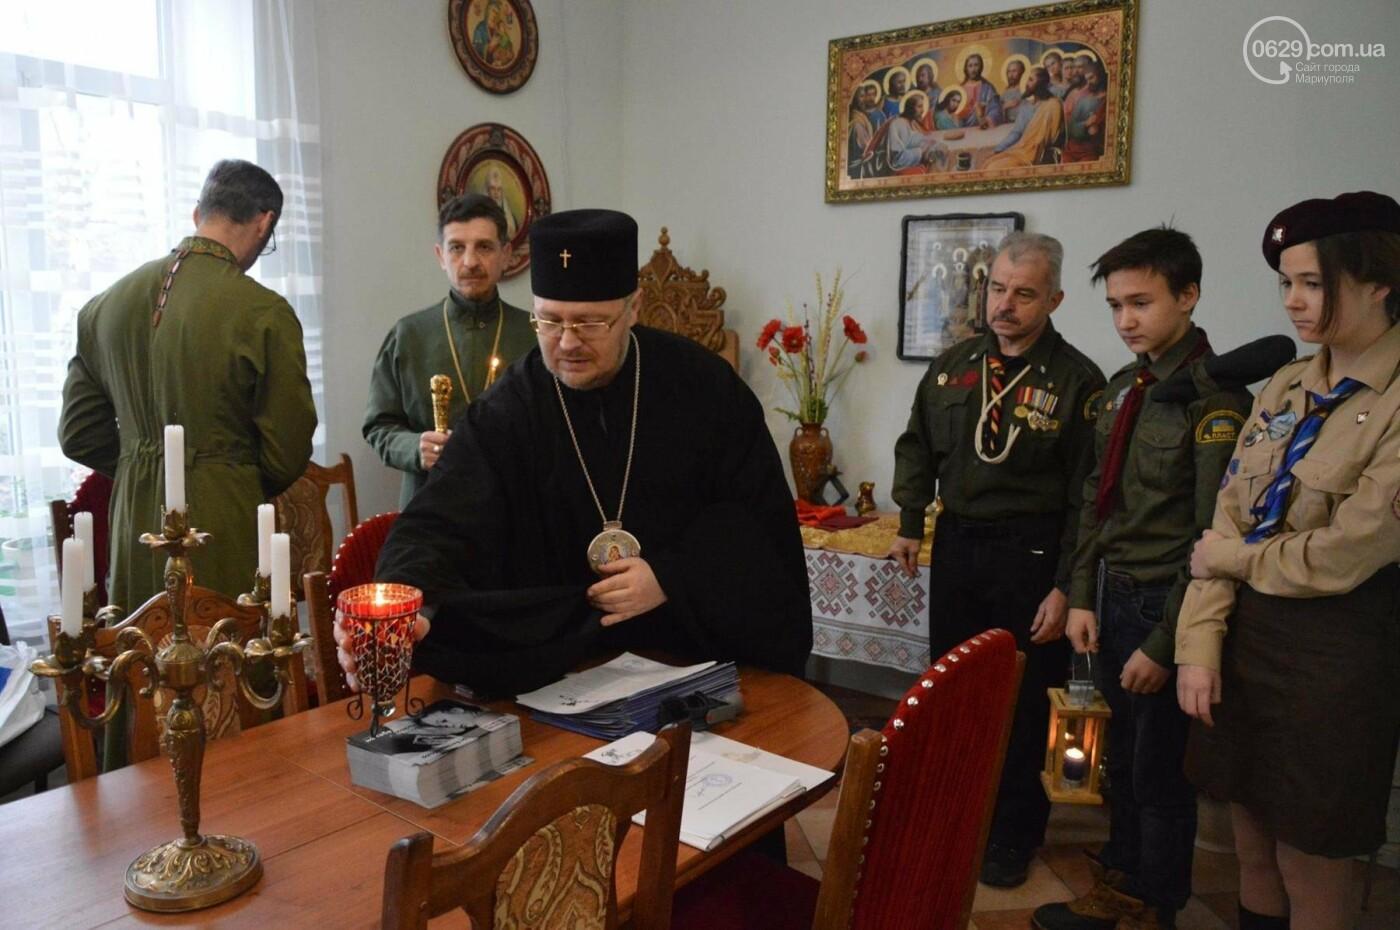 Пластуны Мариуполя передали Вифлеемский огонь мира в храмы Донецкой области, - ФОТО, фото-5